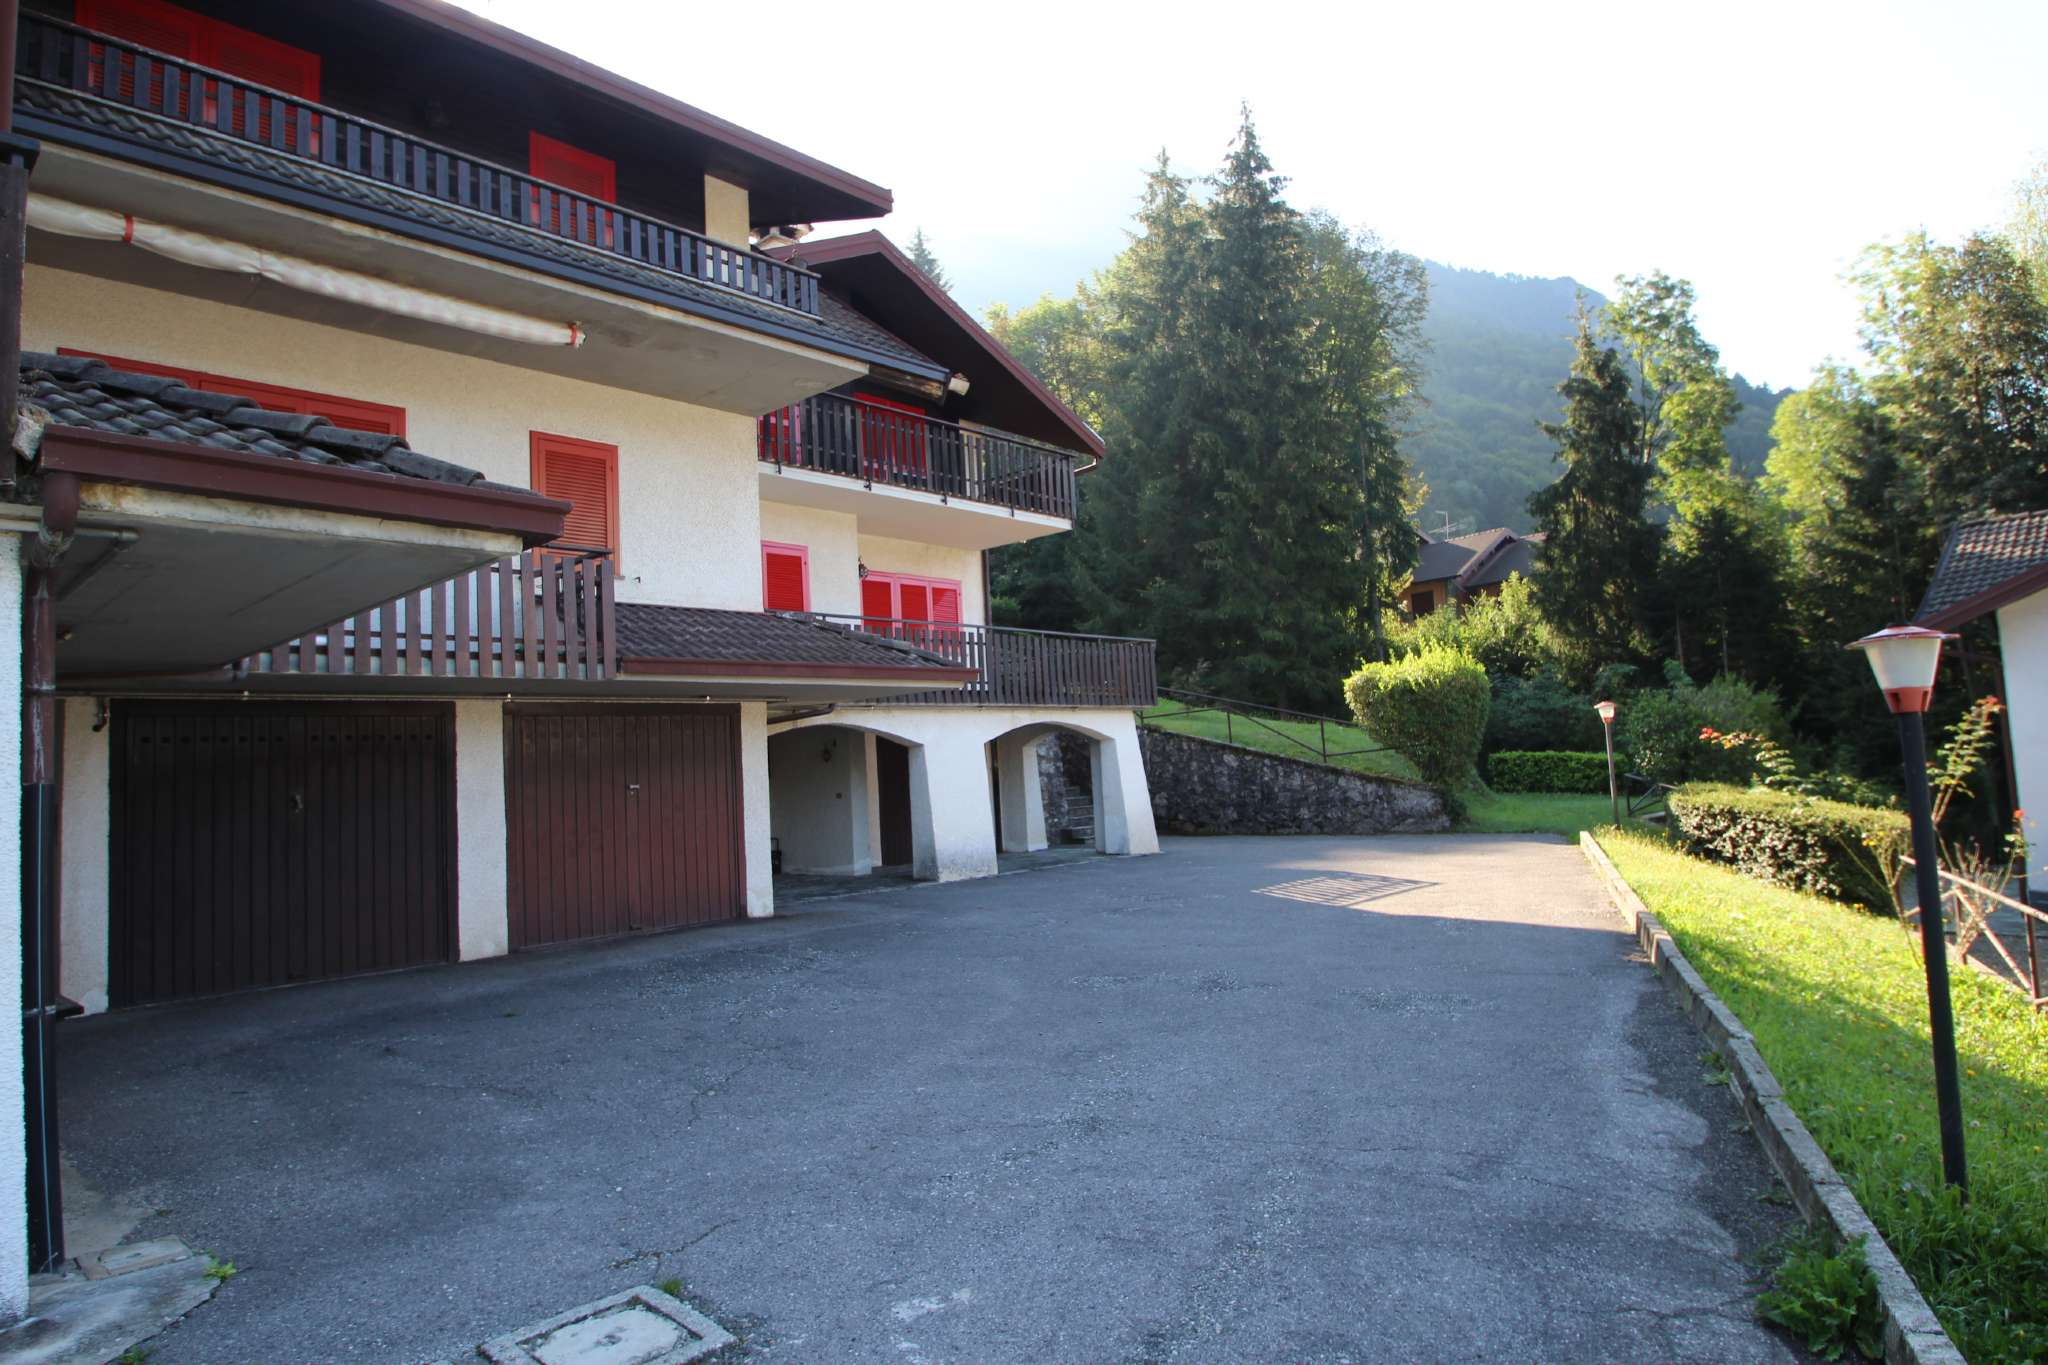 Appartamento in vendita a Serina, 2 locali, prezzo € 40.000 | CambioCasa.it